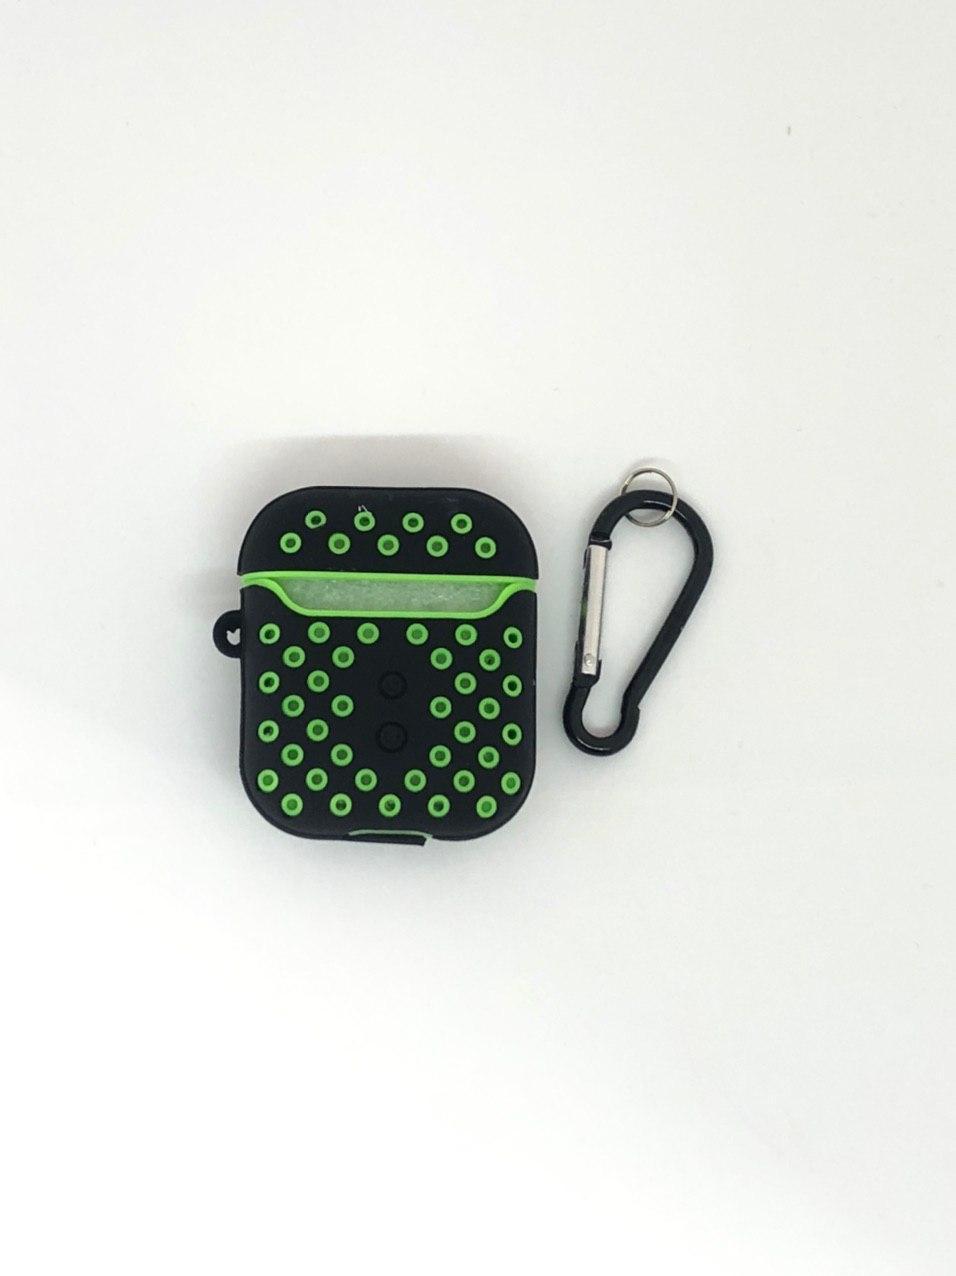 Чехлы Nike AirPods - №1, с карабином, силиконовые